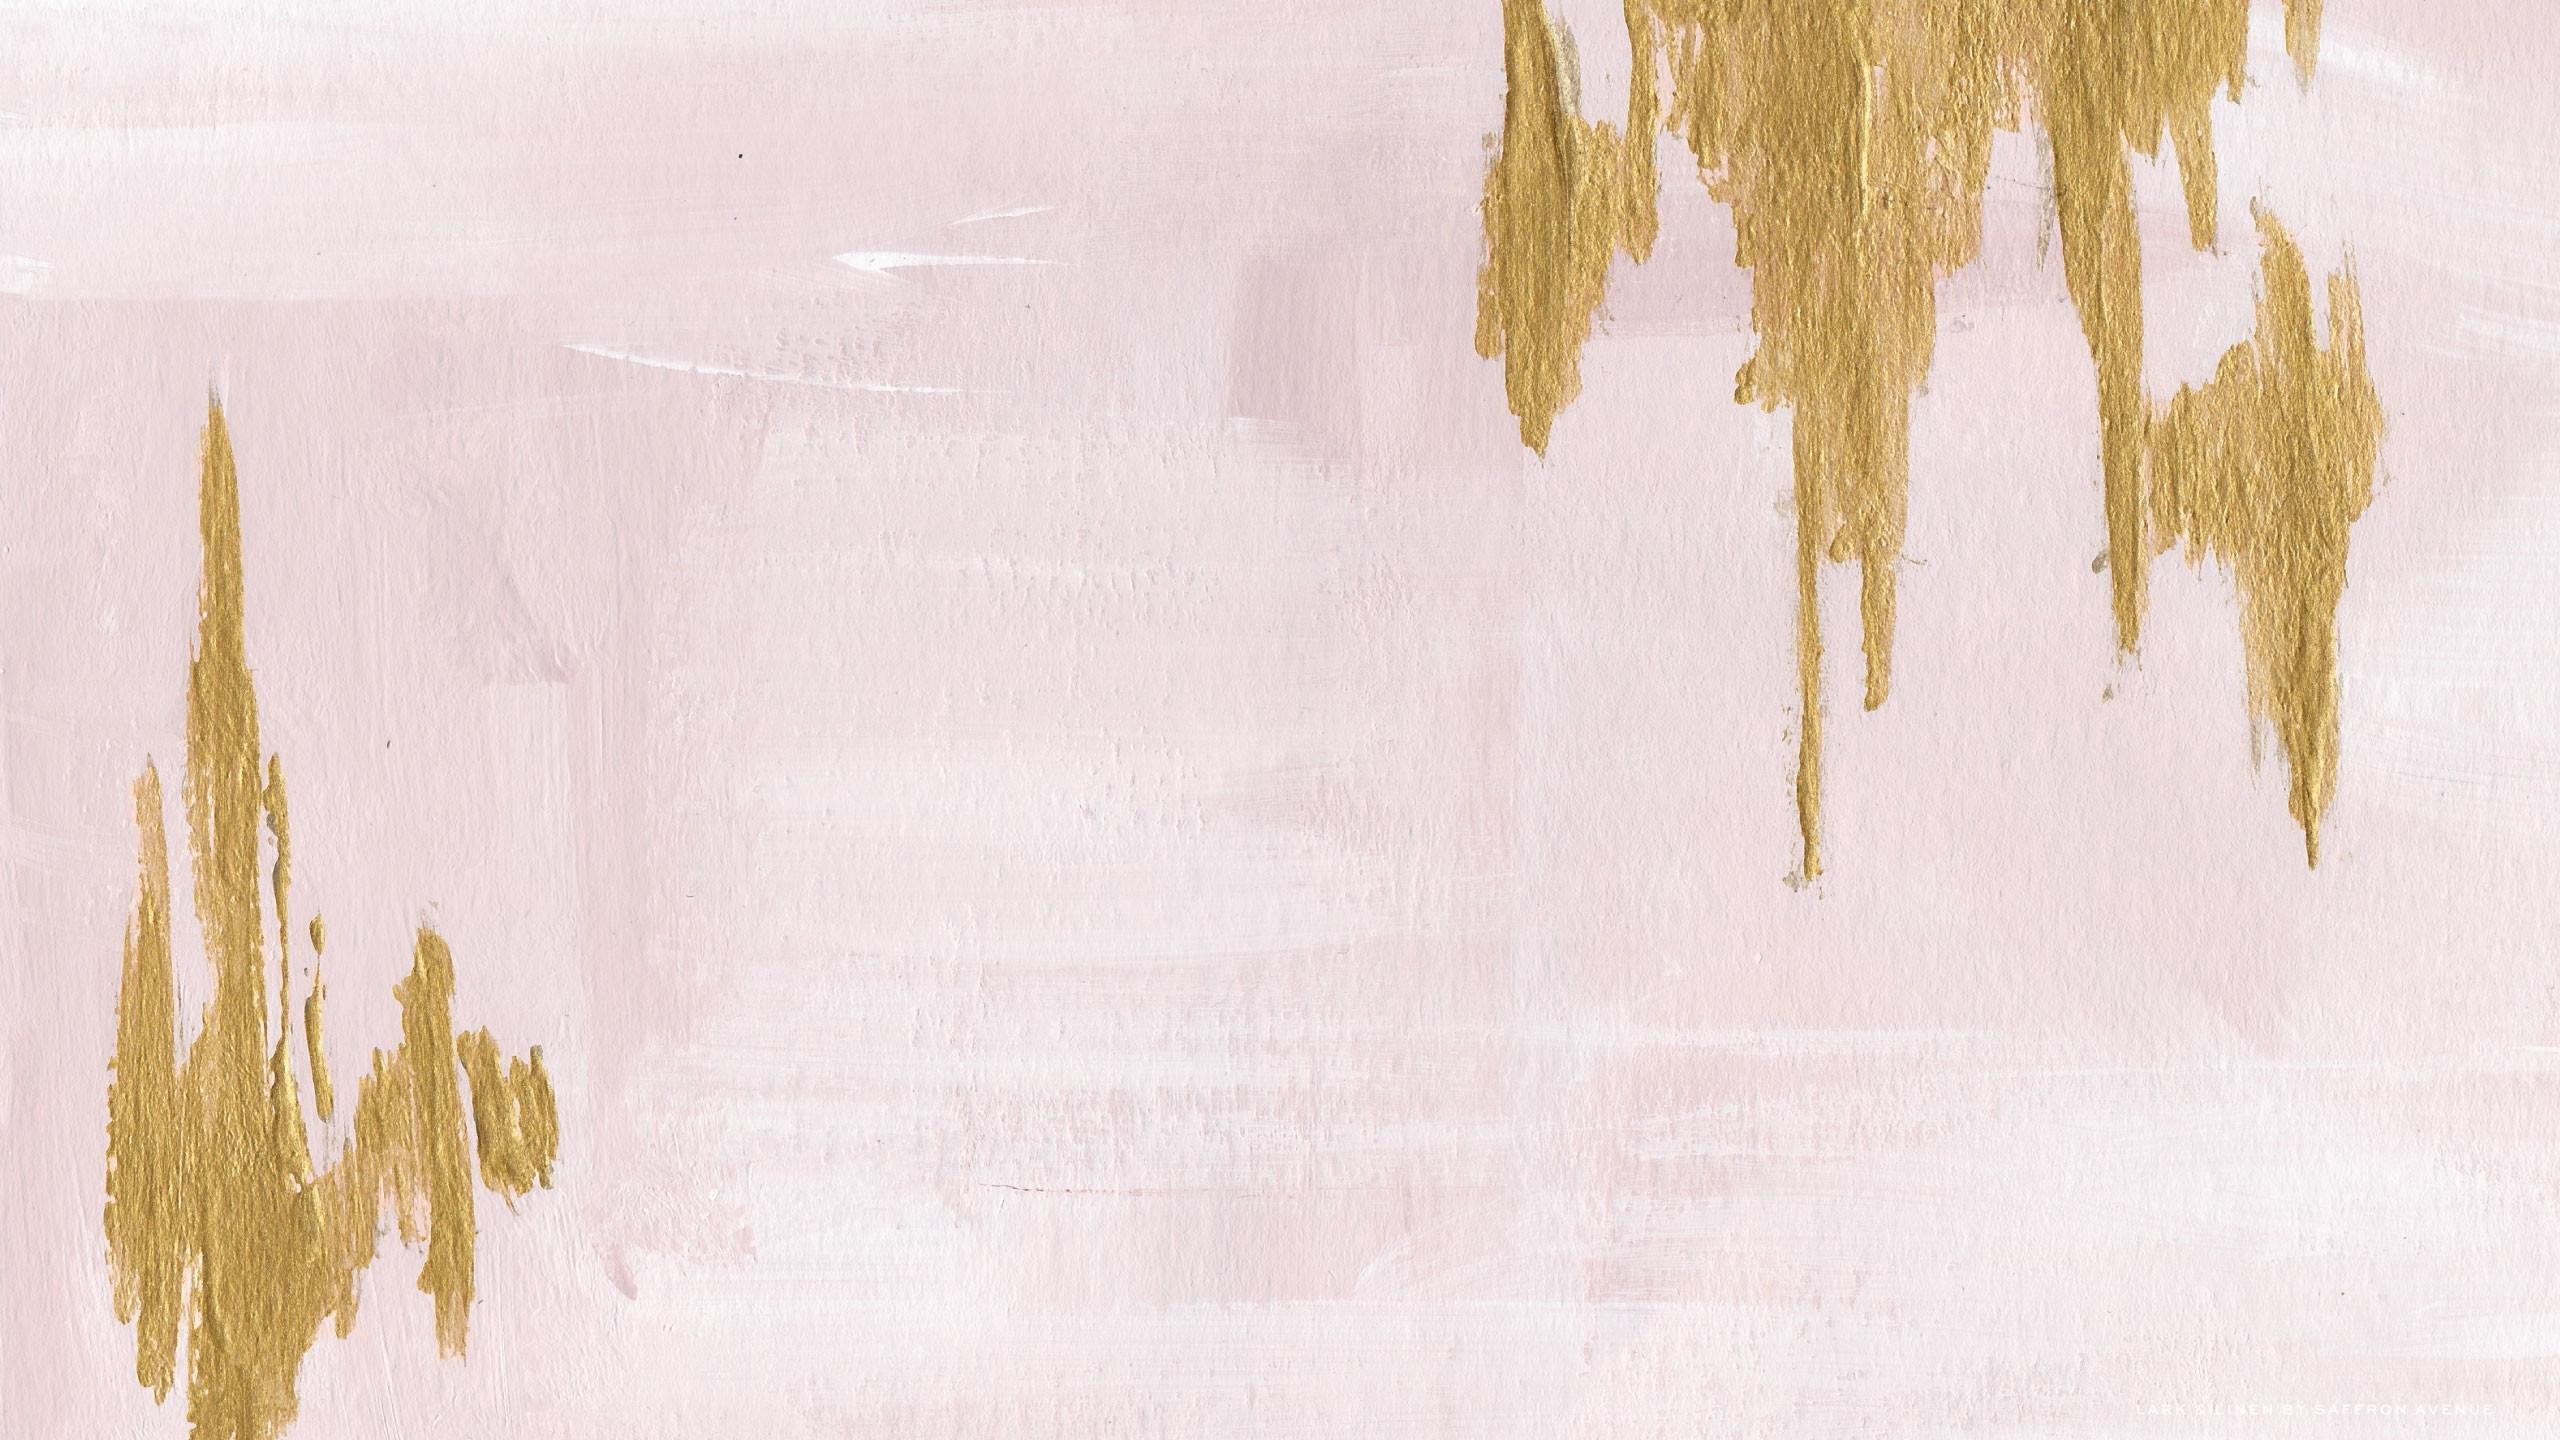 gold desktop wallpaper (55+ images)